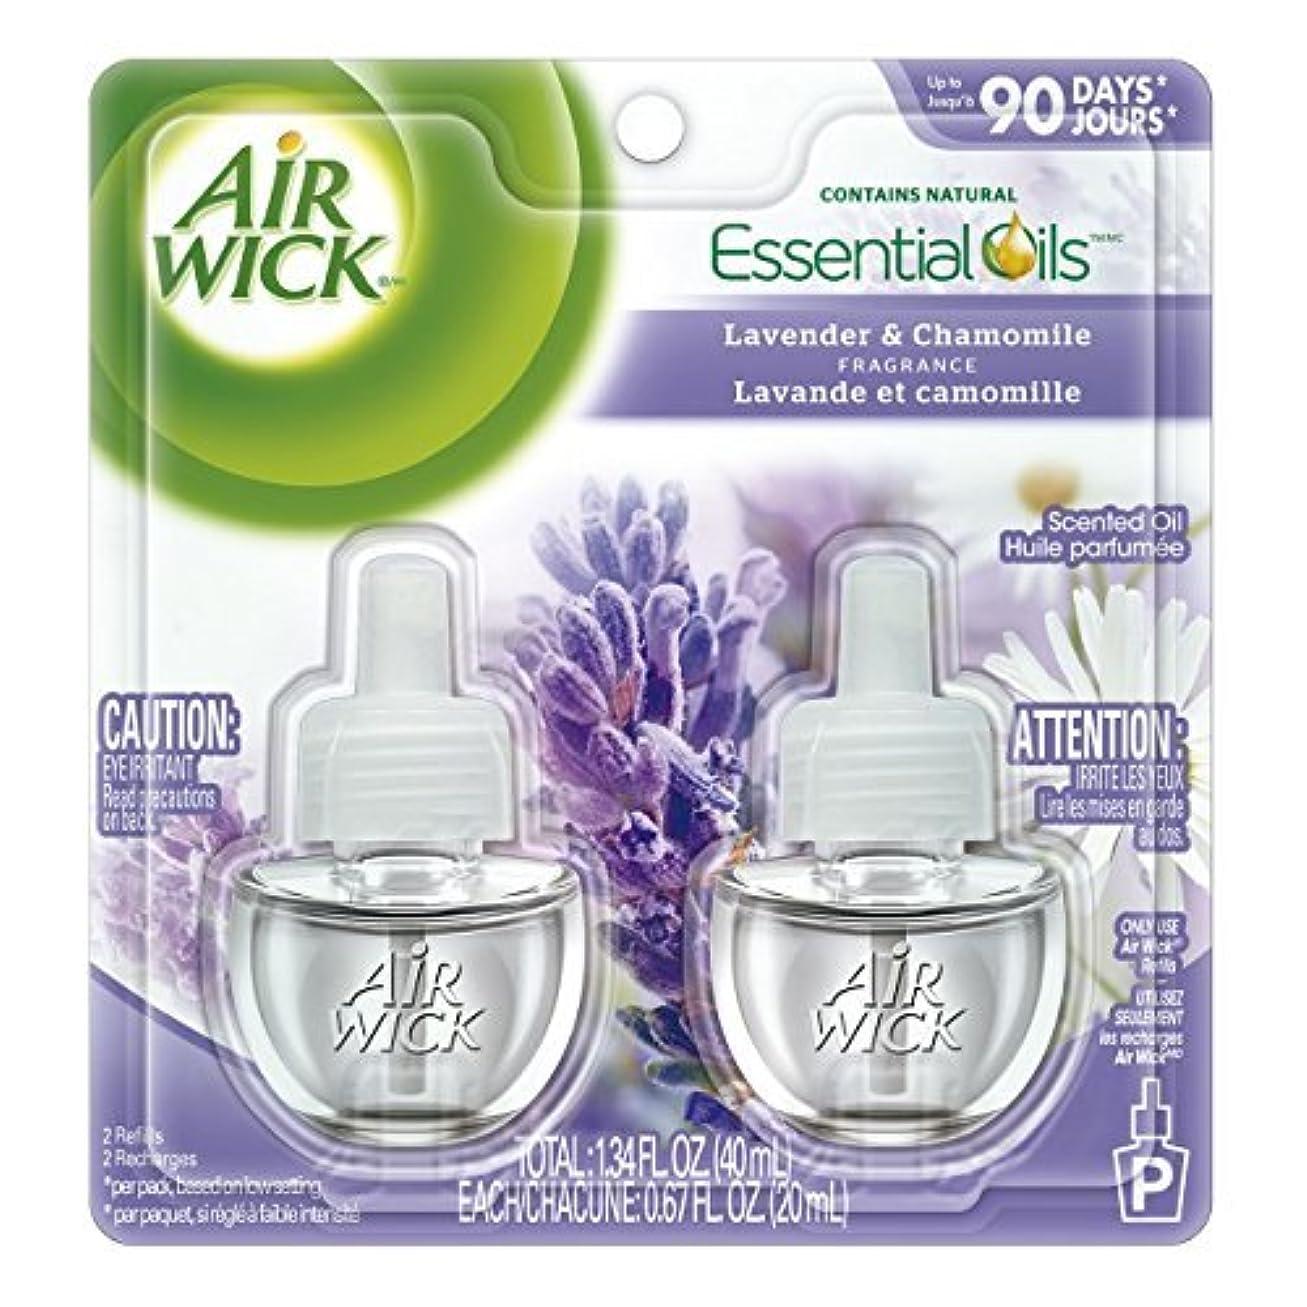 サッカー誠実さ病気の【Air Wick/エアーウィック】 プラグインオイル詰替えリフィル(2個入り) ラベンダー&カモミール Air Wick Scented Oil Twin Refill Lavender & Chamomile (2X.67) Oz. [並行輸入品]